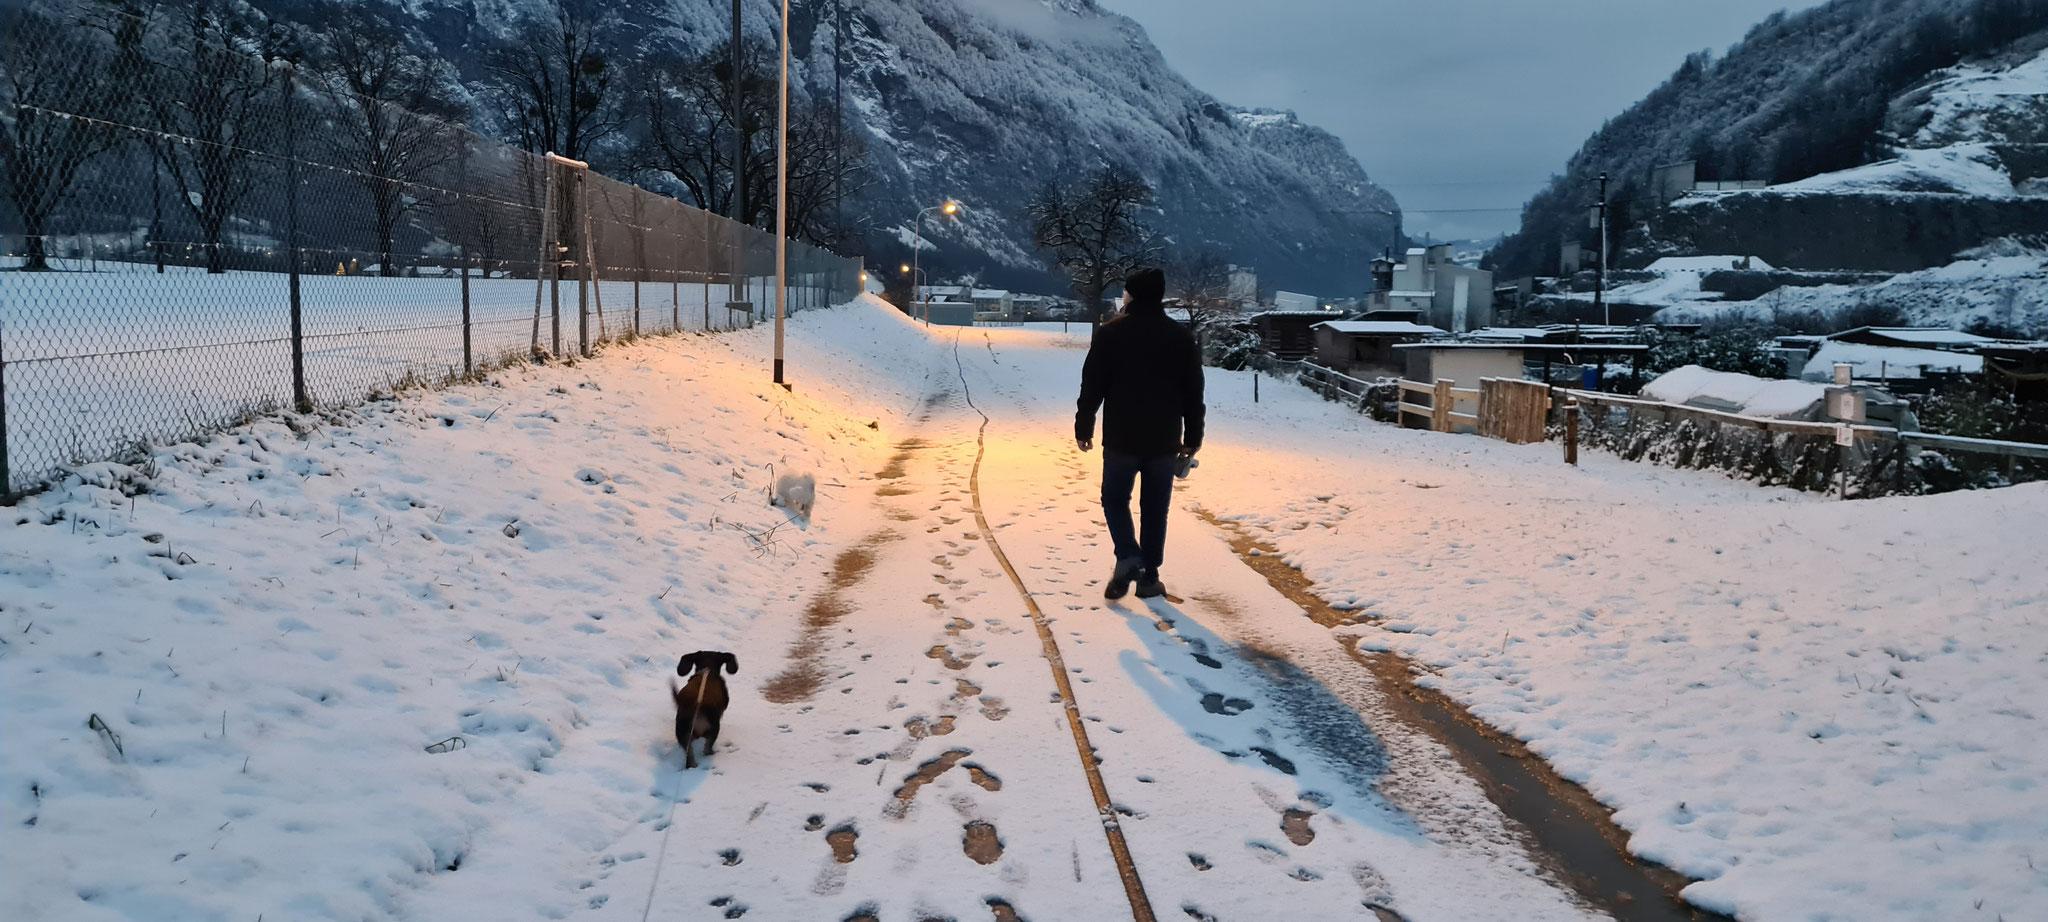 Herrlich, so ein Winterspaziergang...